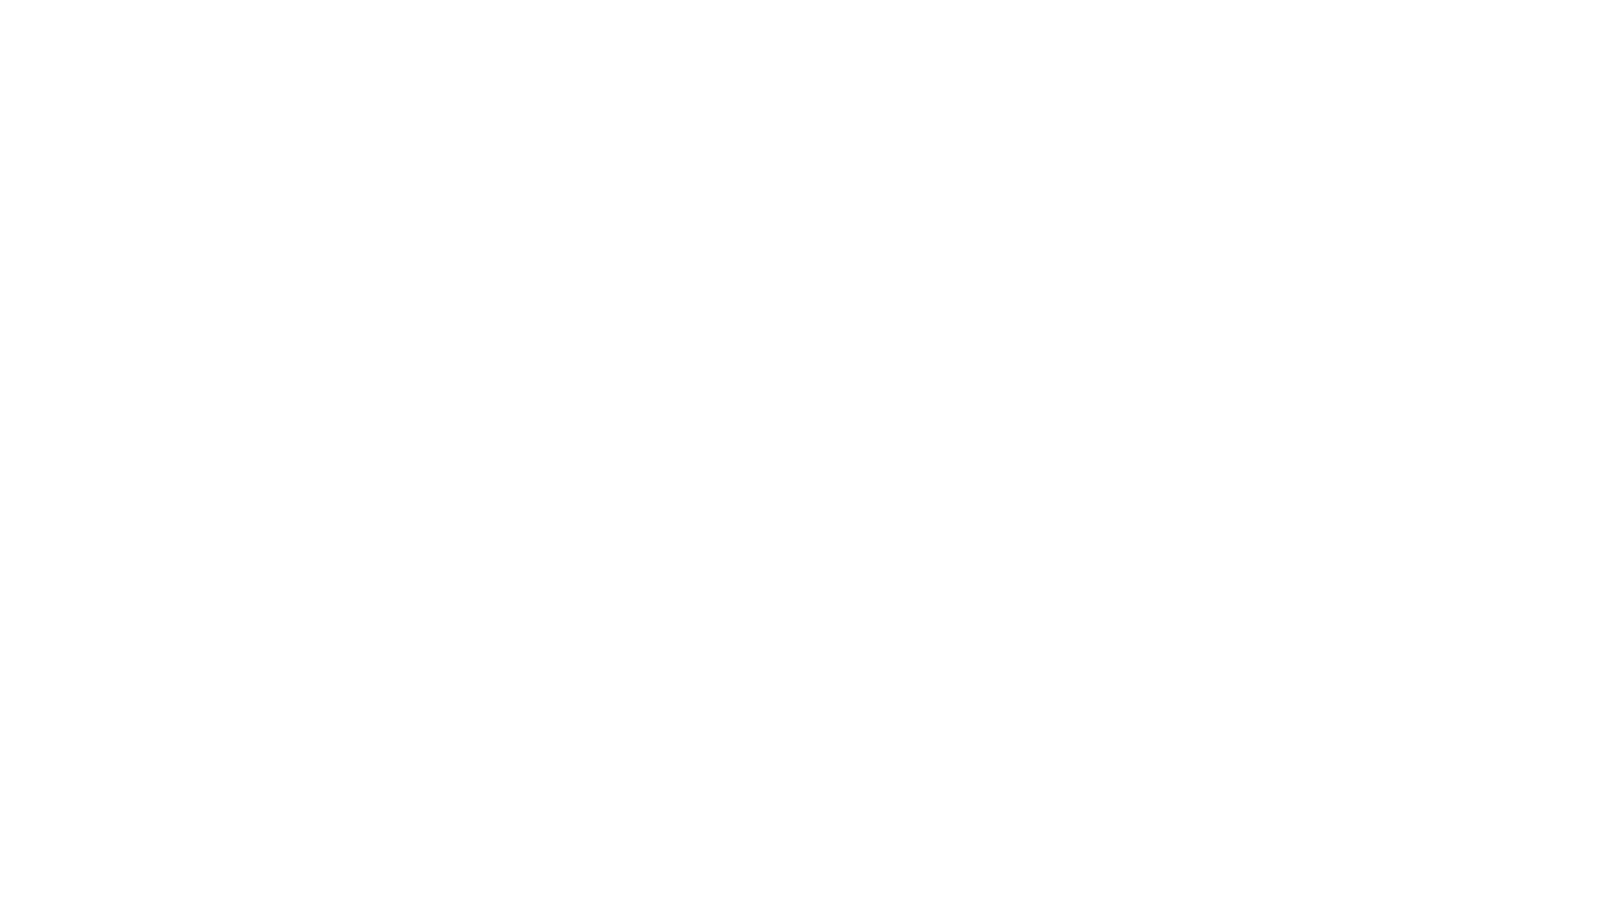 Quem não se sentiu um peixe fora d'água? Um diferente? Um patinho feio? Então... Como se encontrar e realizar seu propósito?  Esse vídeo traz técnicas presentes no curso https://superhumano360.com.br  Links: - Se inscreva no nosso canal do Telegram: https://t.me/joinchat/CnzEY0izb0F0XNyjhMyYcA